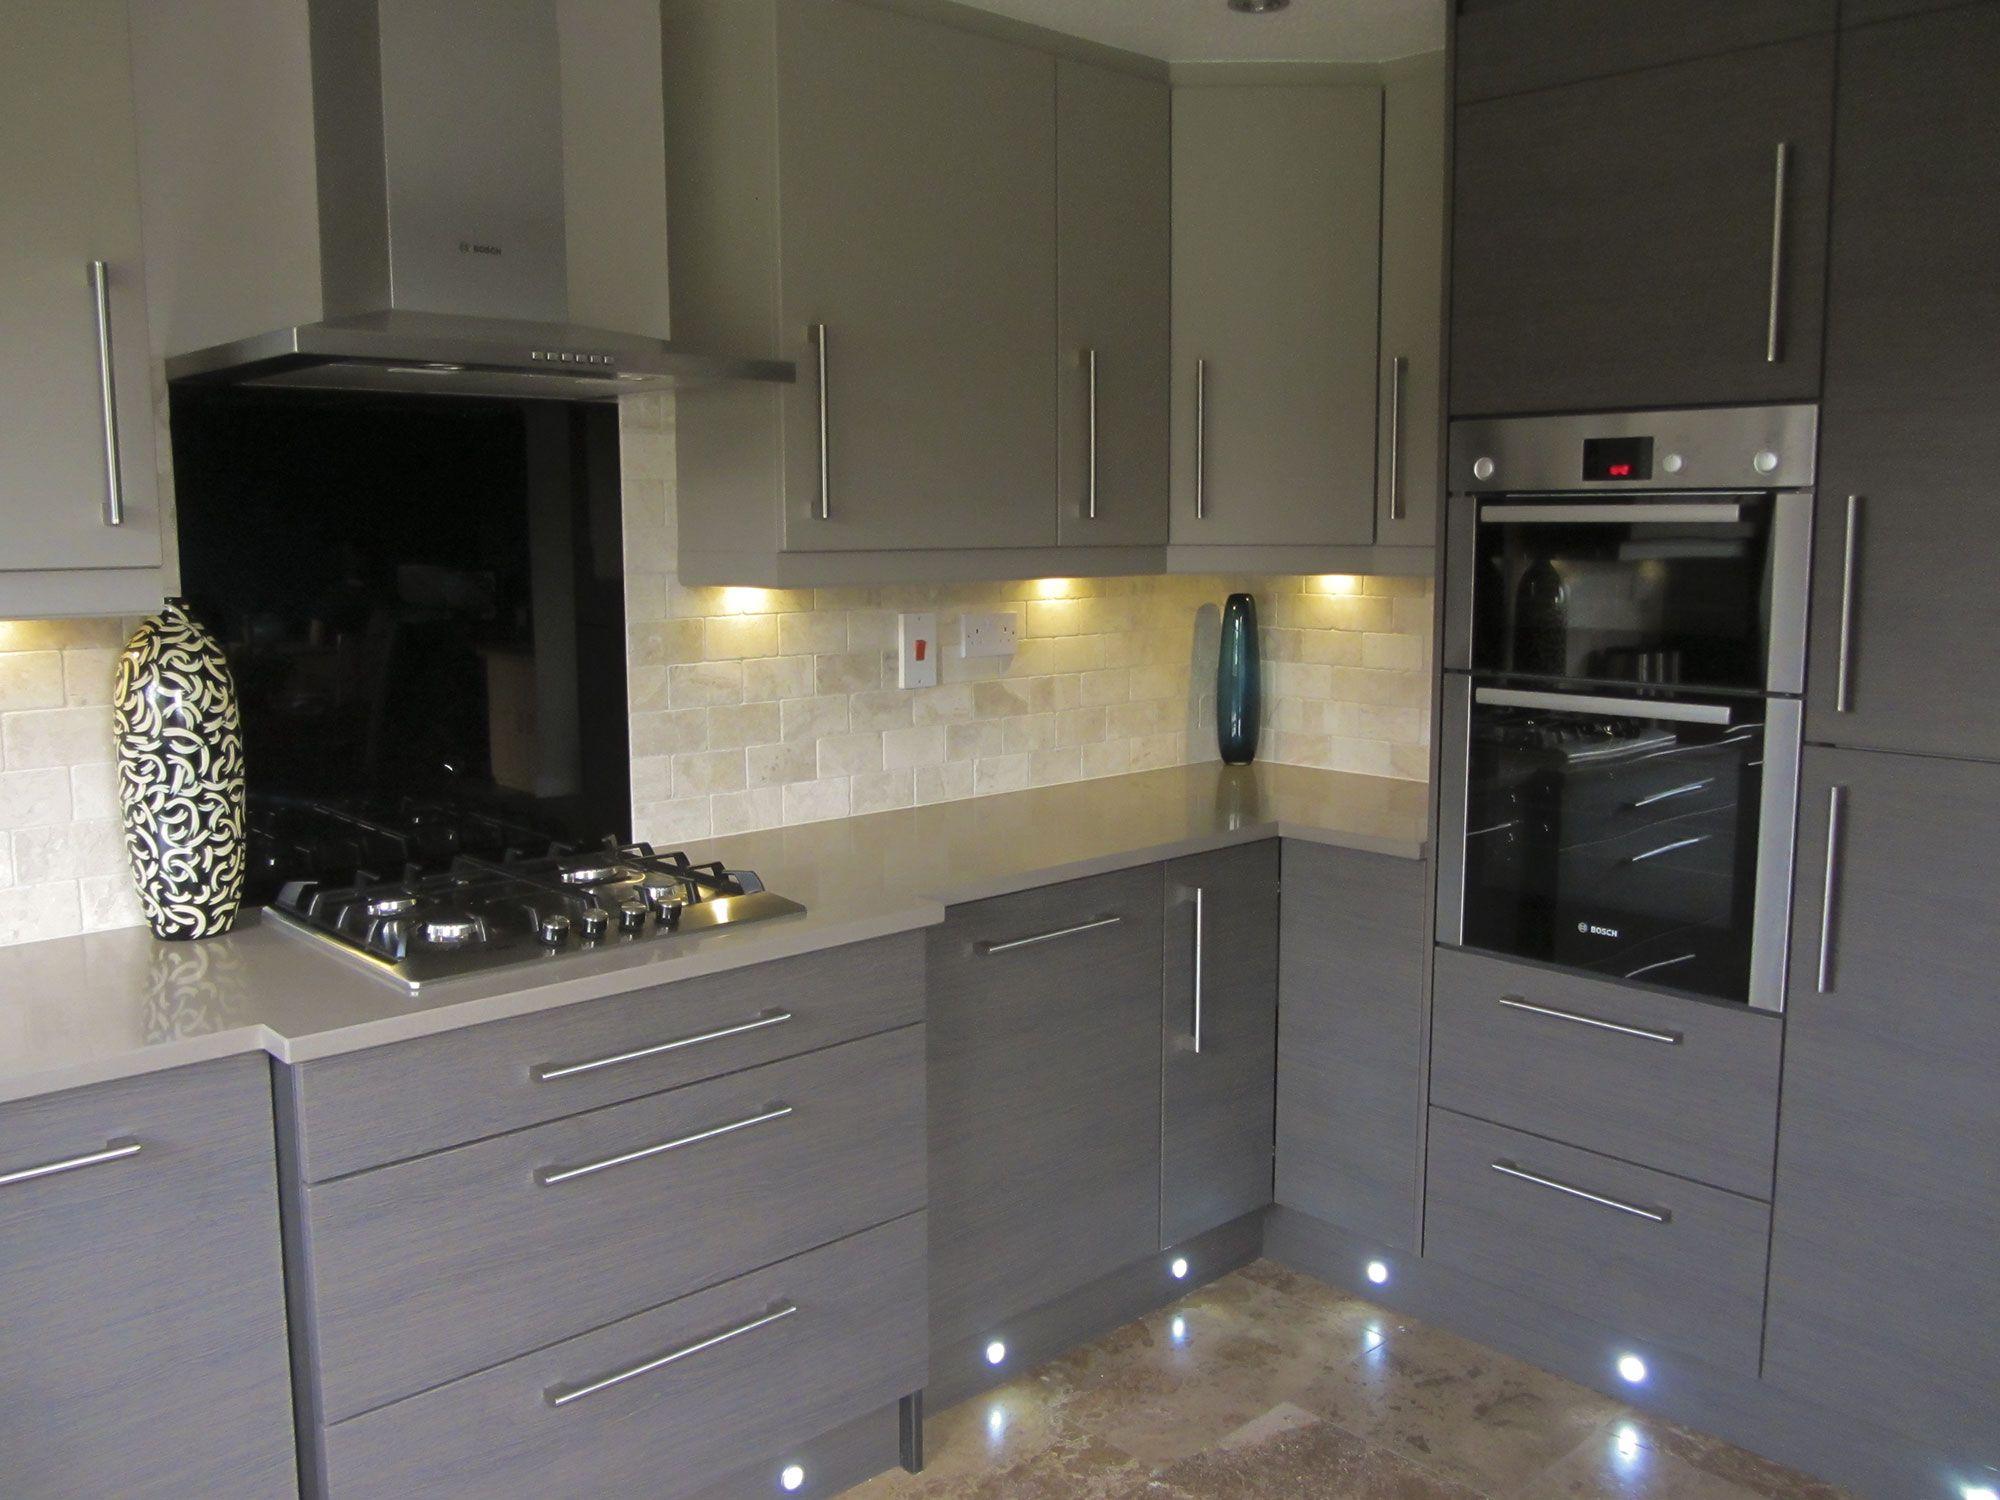 Grau Küche Designs Küche hat für voll, so dass die meisten Haushalt ...